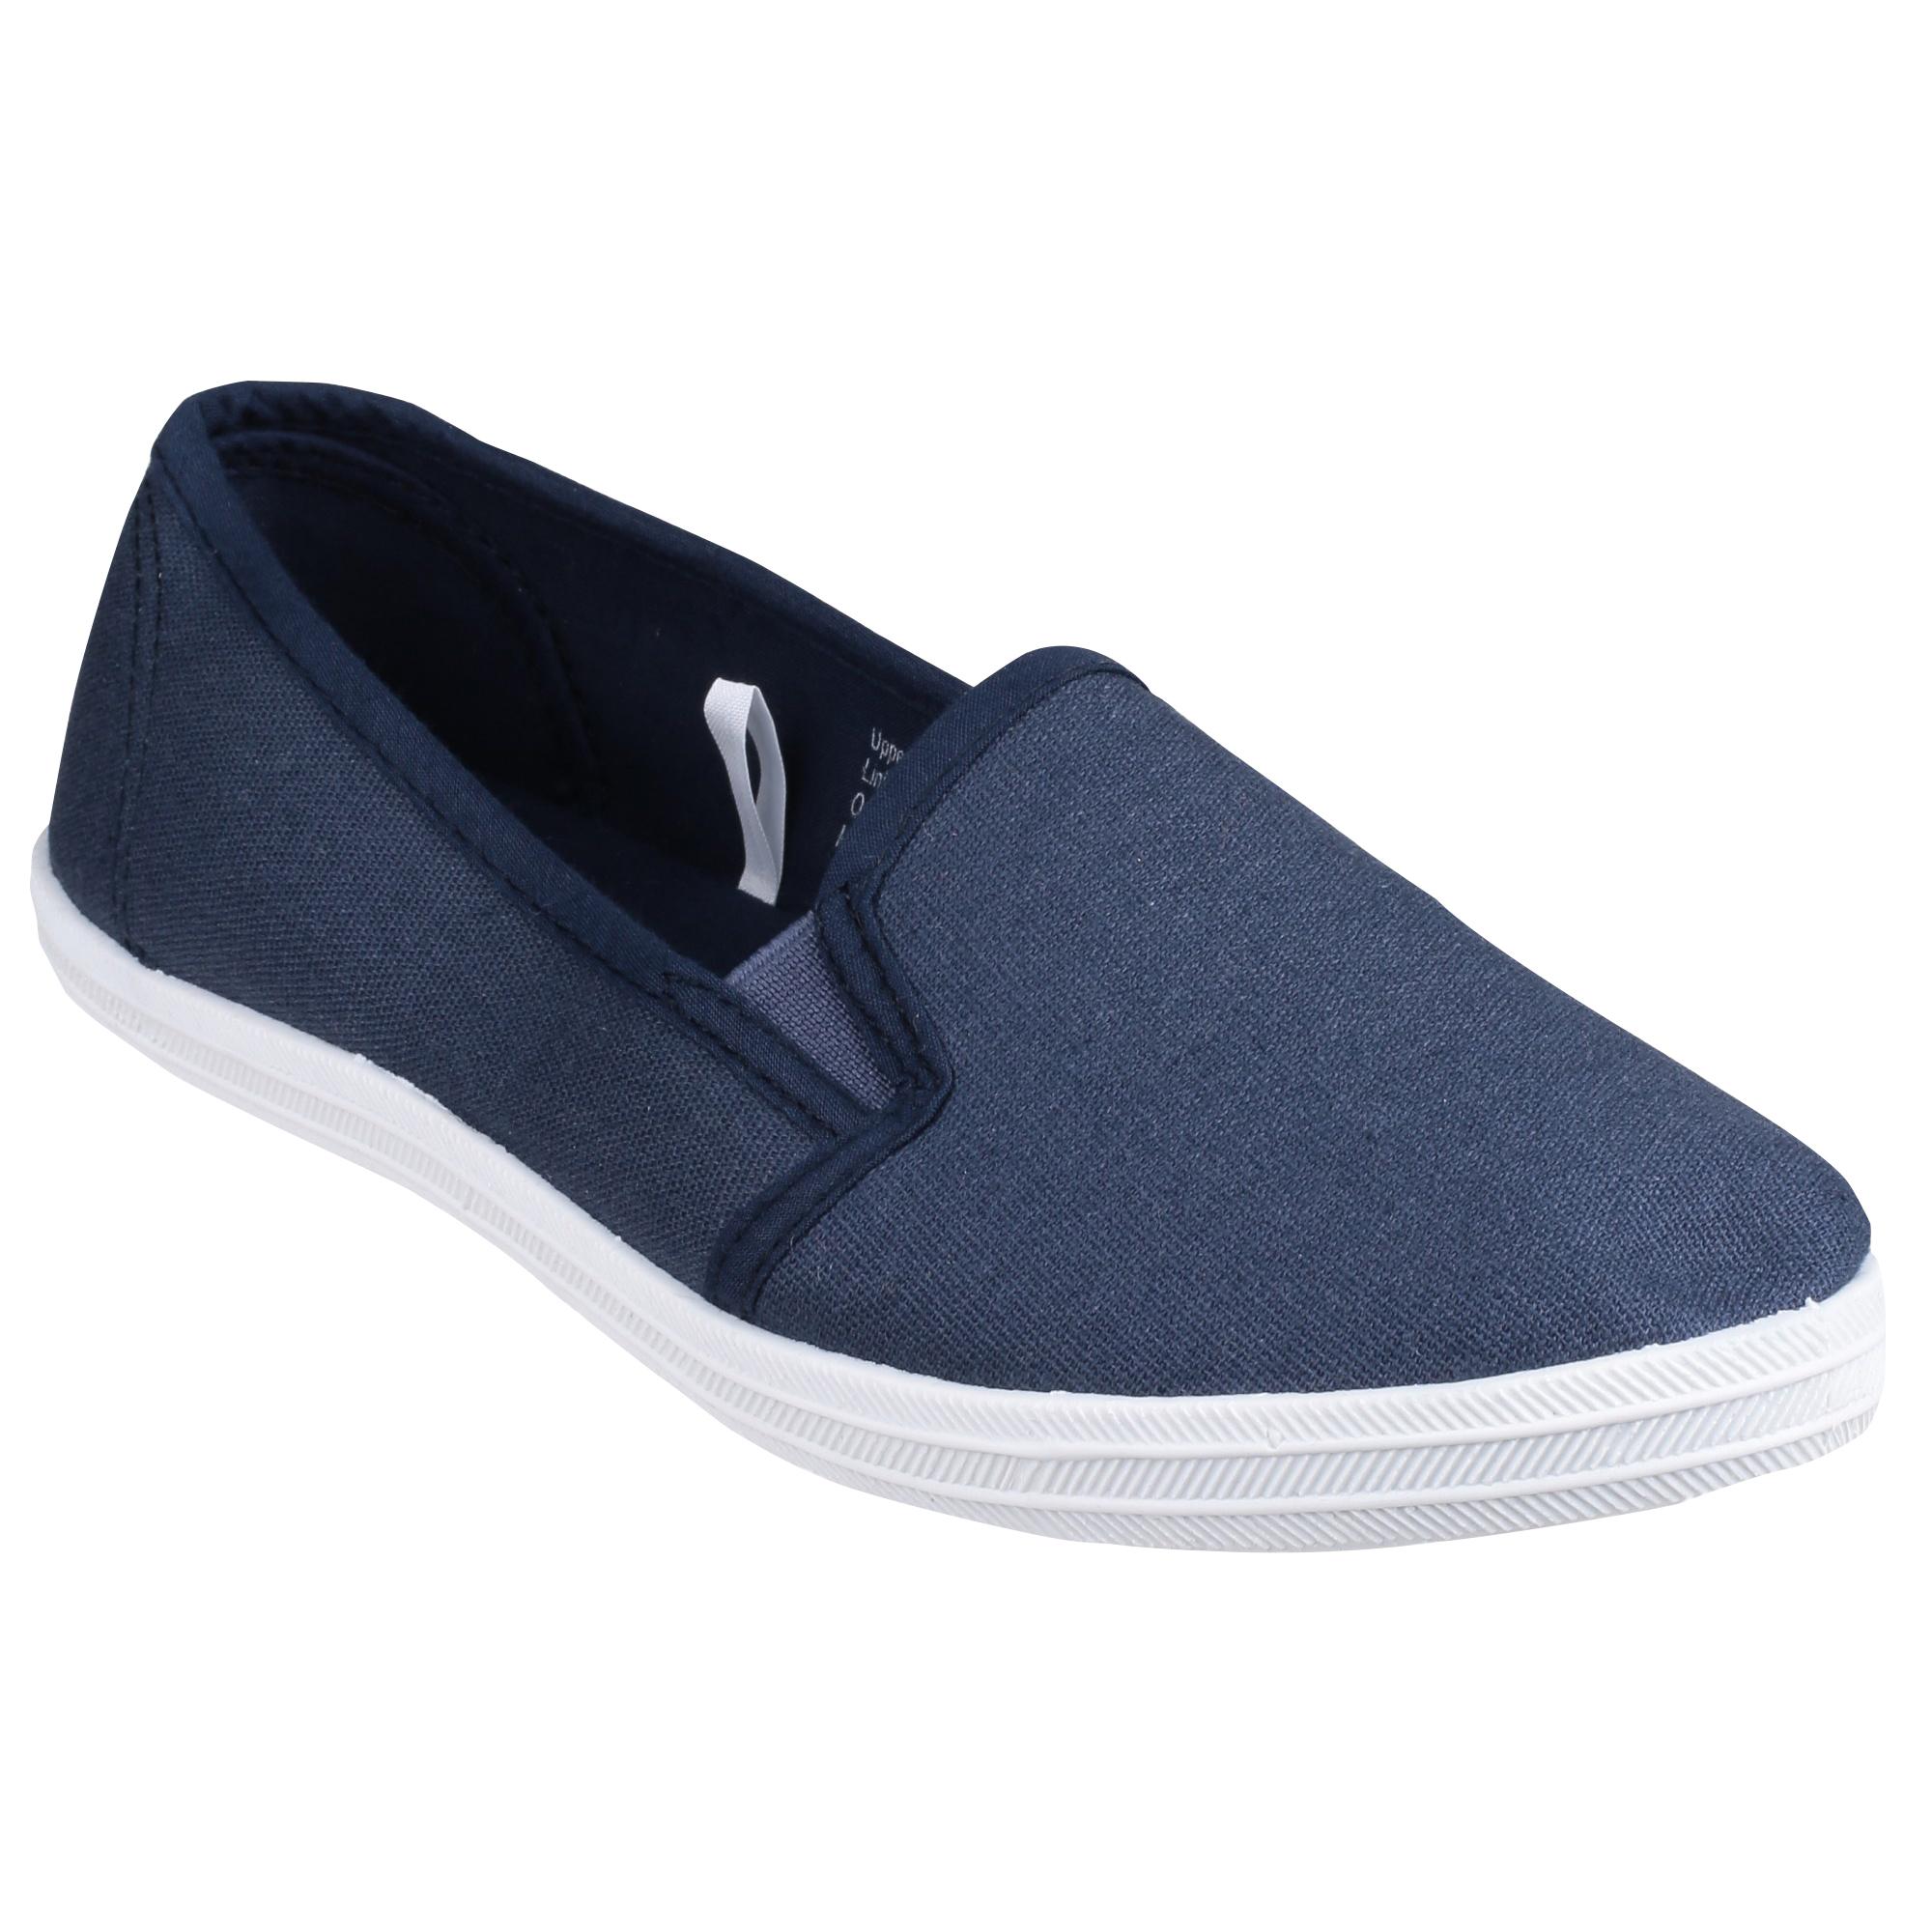 Divaz - Zapatos de lona con cordones mujer , color negro, talla 40 EU